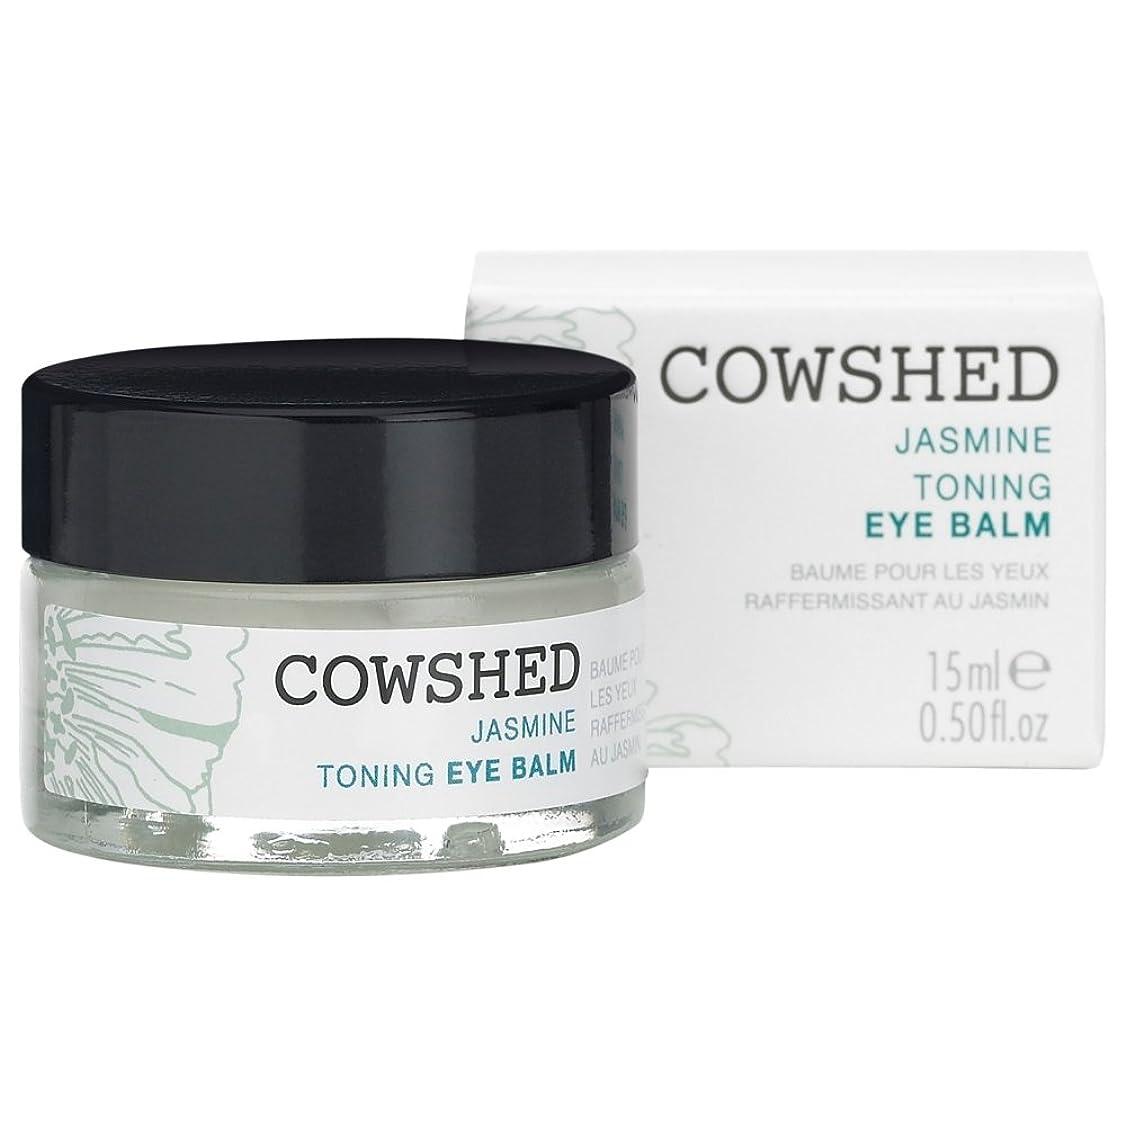 引き受ける残酷陰気牛舎ジャスミン調色アイクリーム15ミリリットル (Cowshed) (x6) - Cowshed Jasmine Toning Eye Balm 15ml (Pack of 6) [並行輸入品]